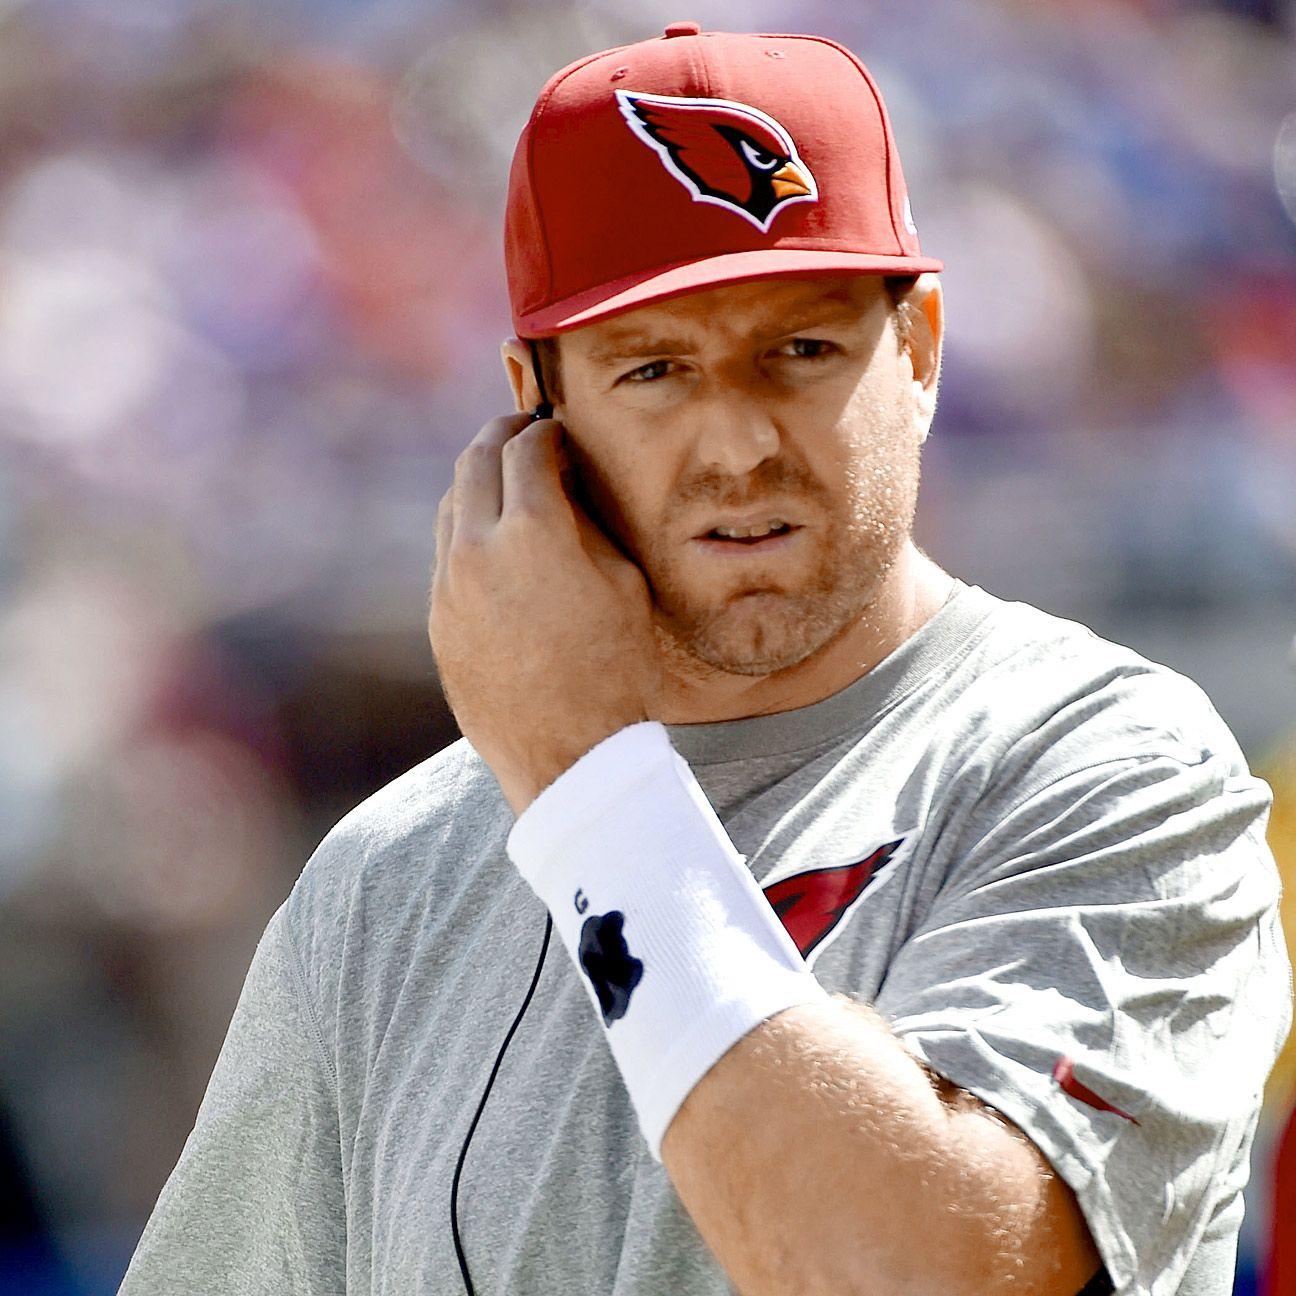 palmer carson shoulder nfl arizona cardinals says robert deutsch throwing injury week espn